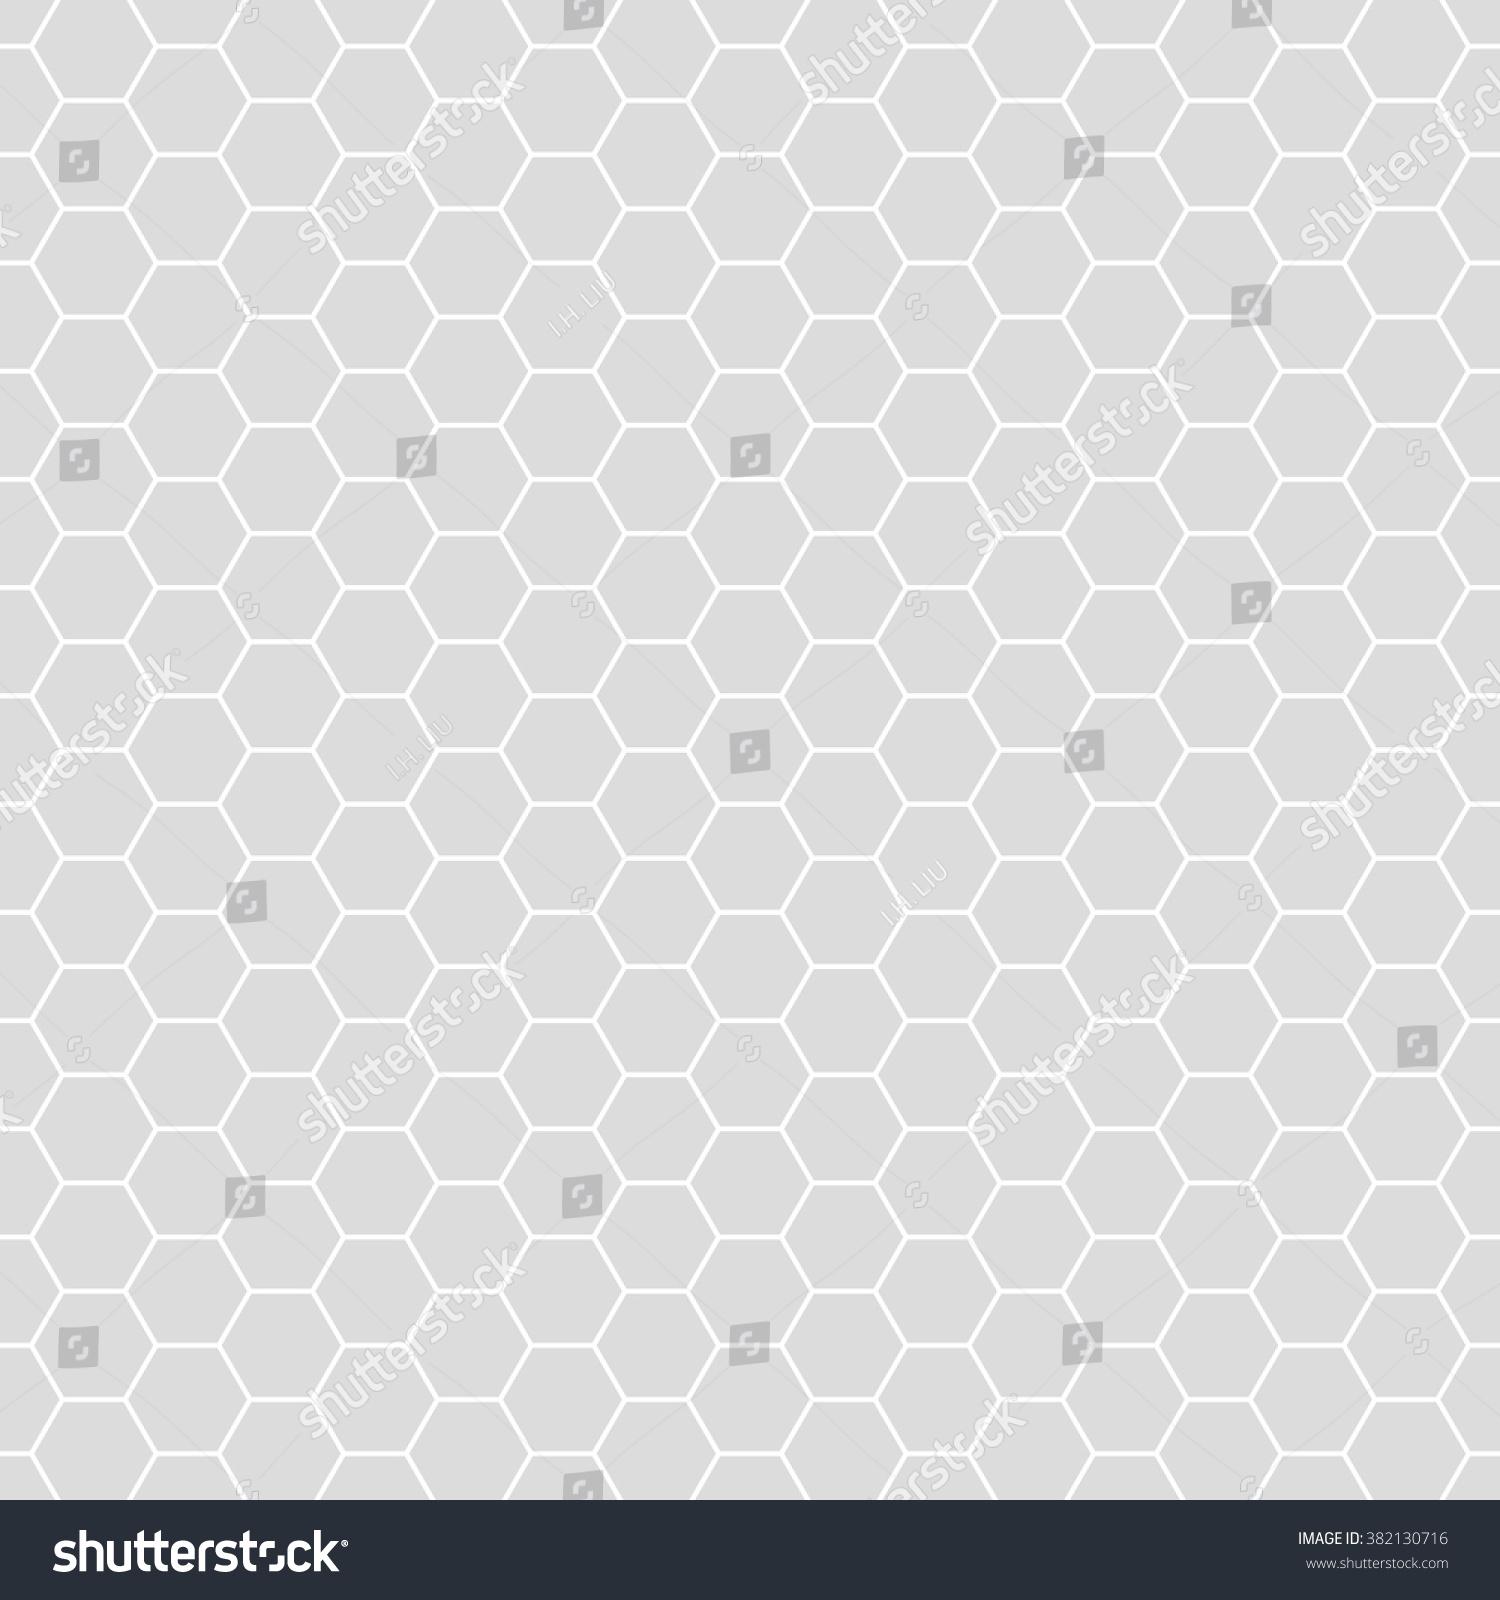 3d hexagon pattern stock vector image 54997696 - Hexagonal Grid Designvector Seamless Pattern Stock Vector 382130716 1500x1600